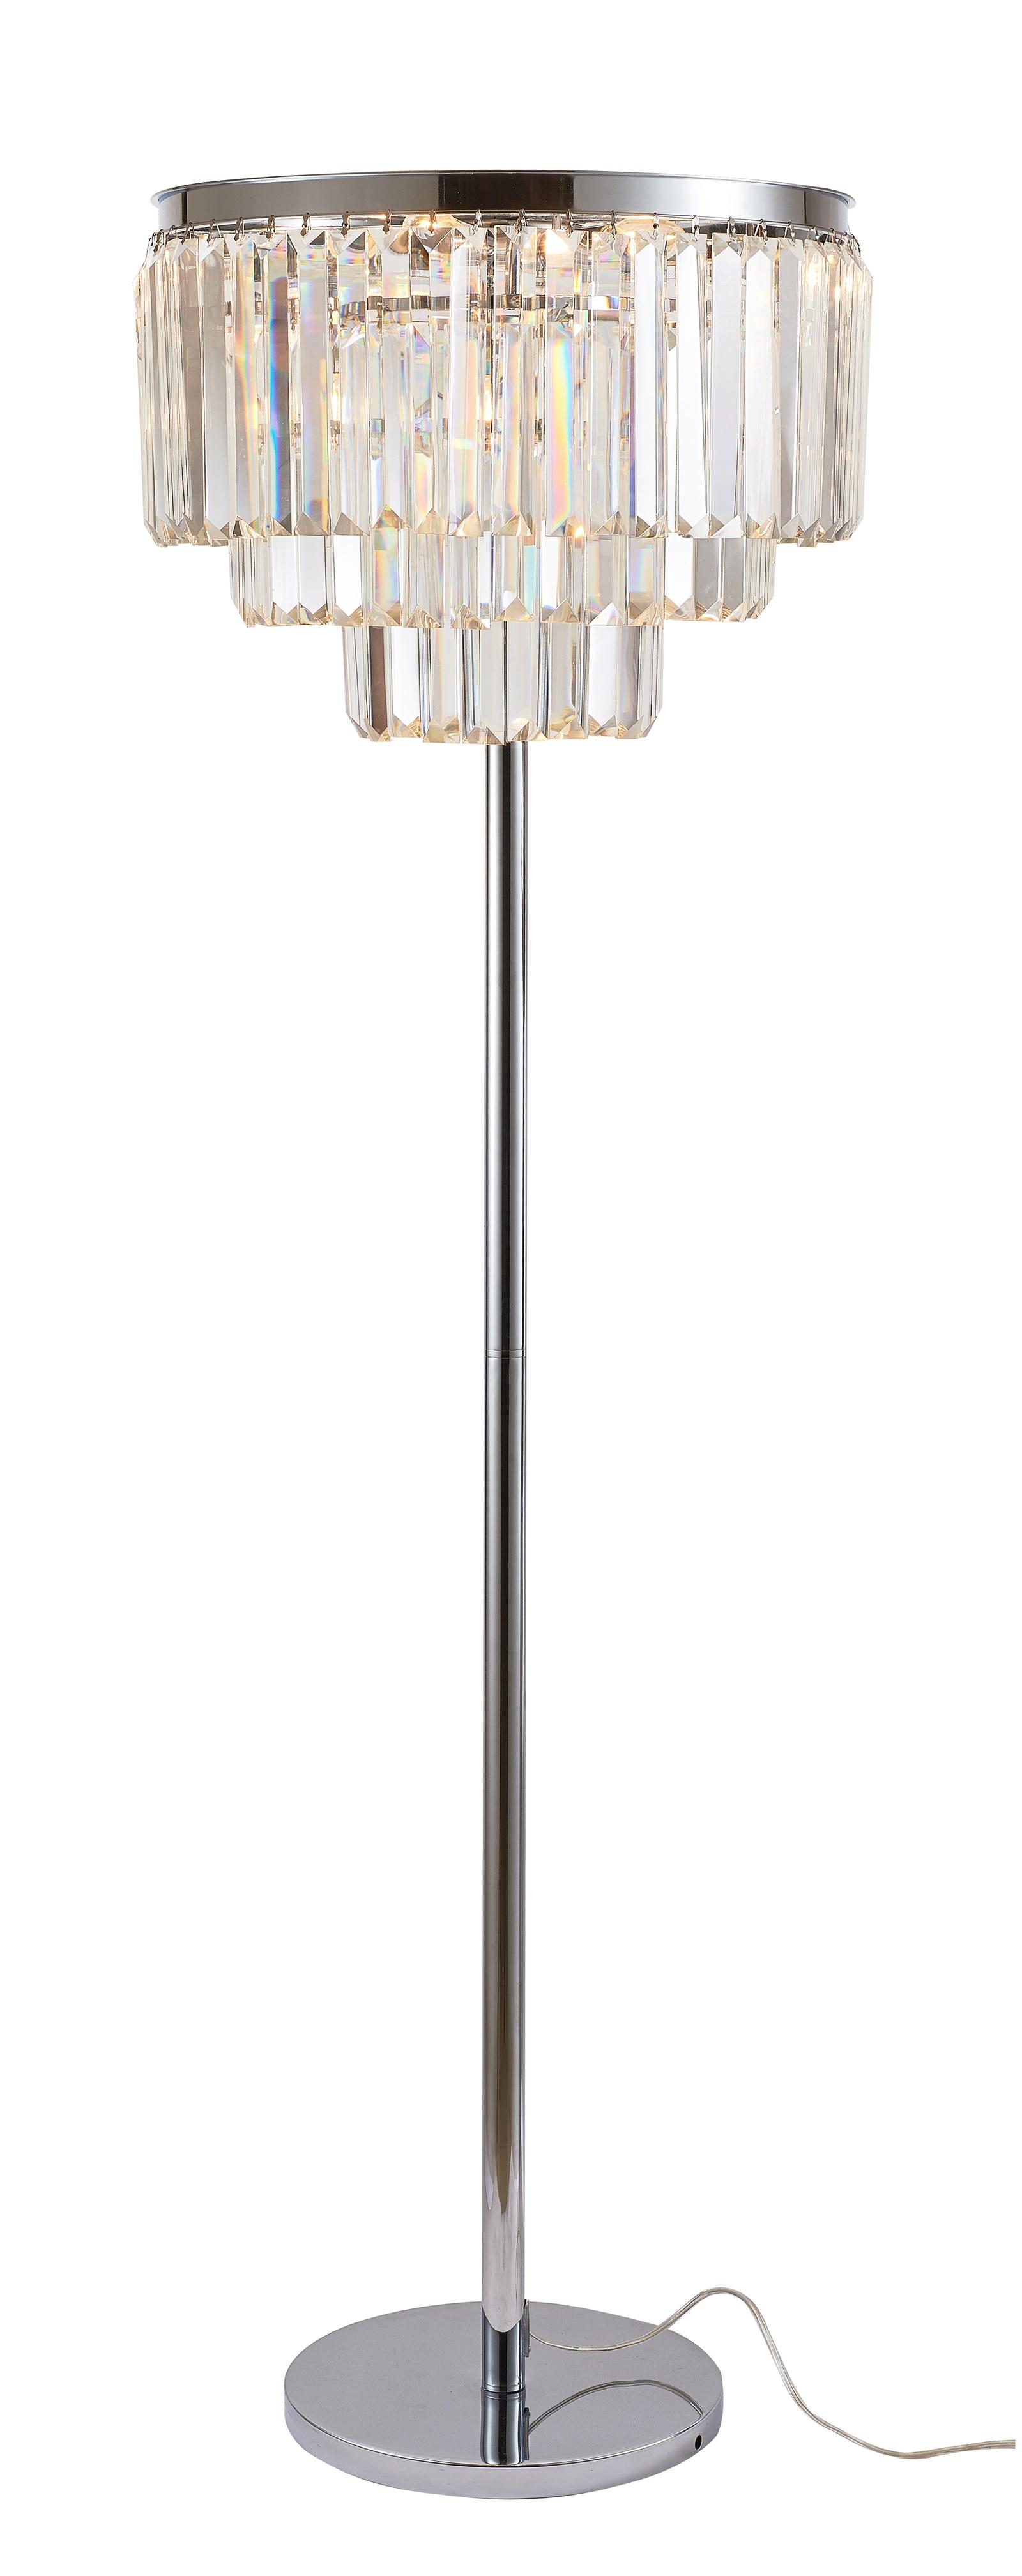 Напольный светильник Divinare 3001/02 PN-6, серый металлик